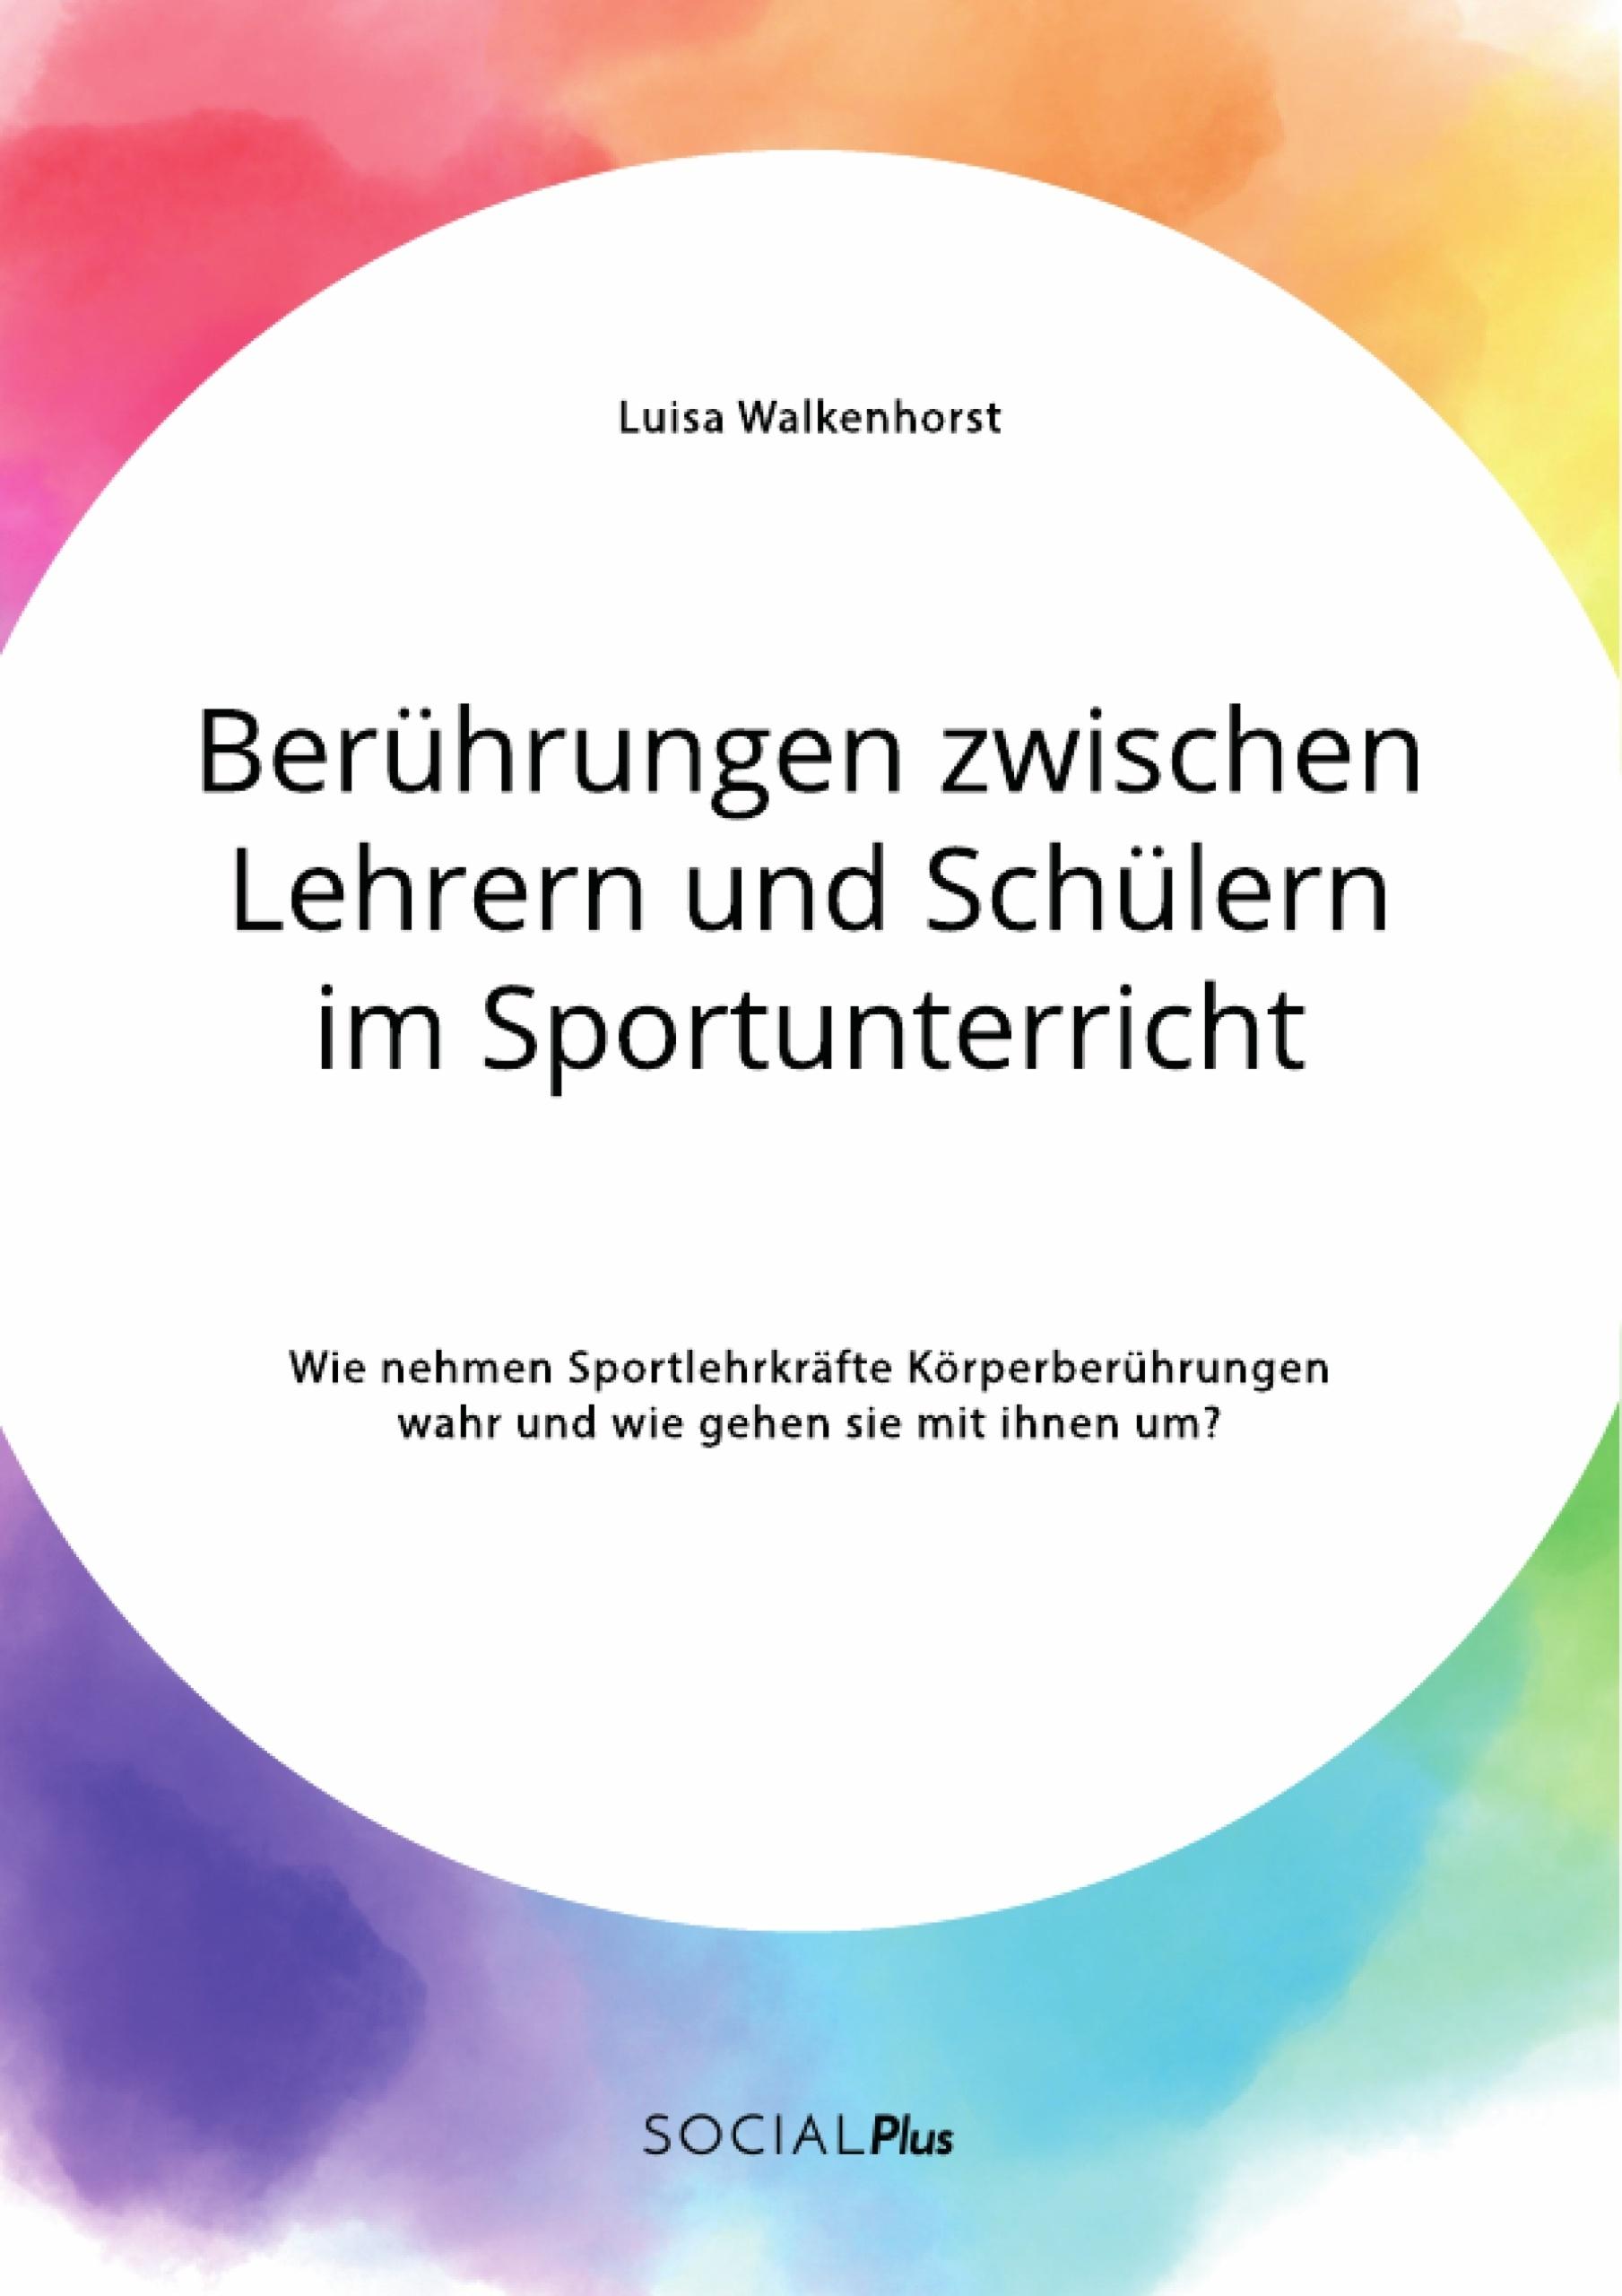 Titel: Berührungen zwischen Lehrern und Schülern im Sportunterricht. Wie nehmen Sportlehrkräfte Körperberührungen wahr und wie gehen sie mit ihnen um?